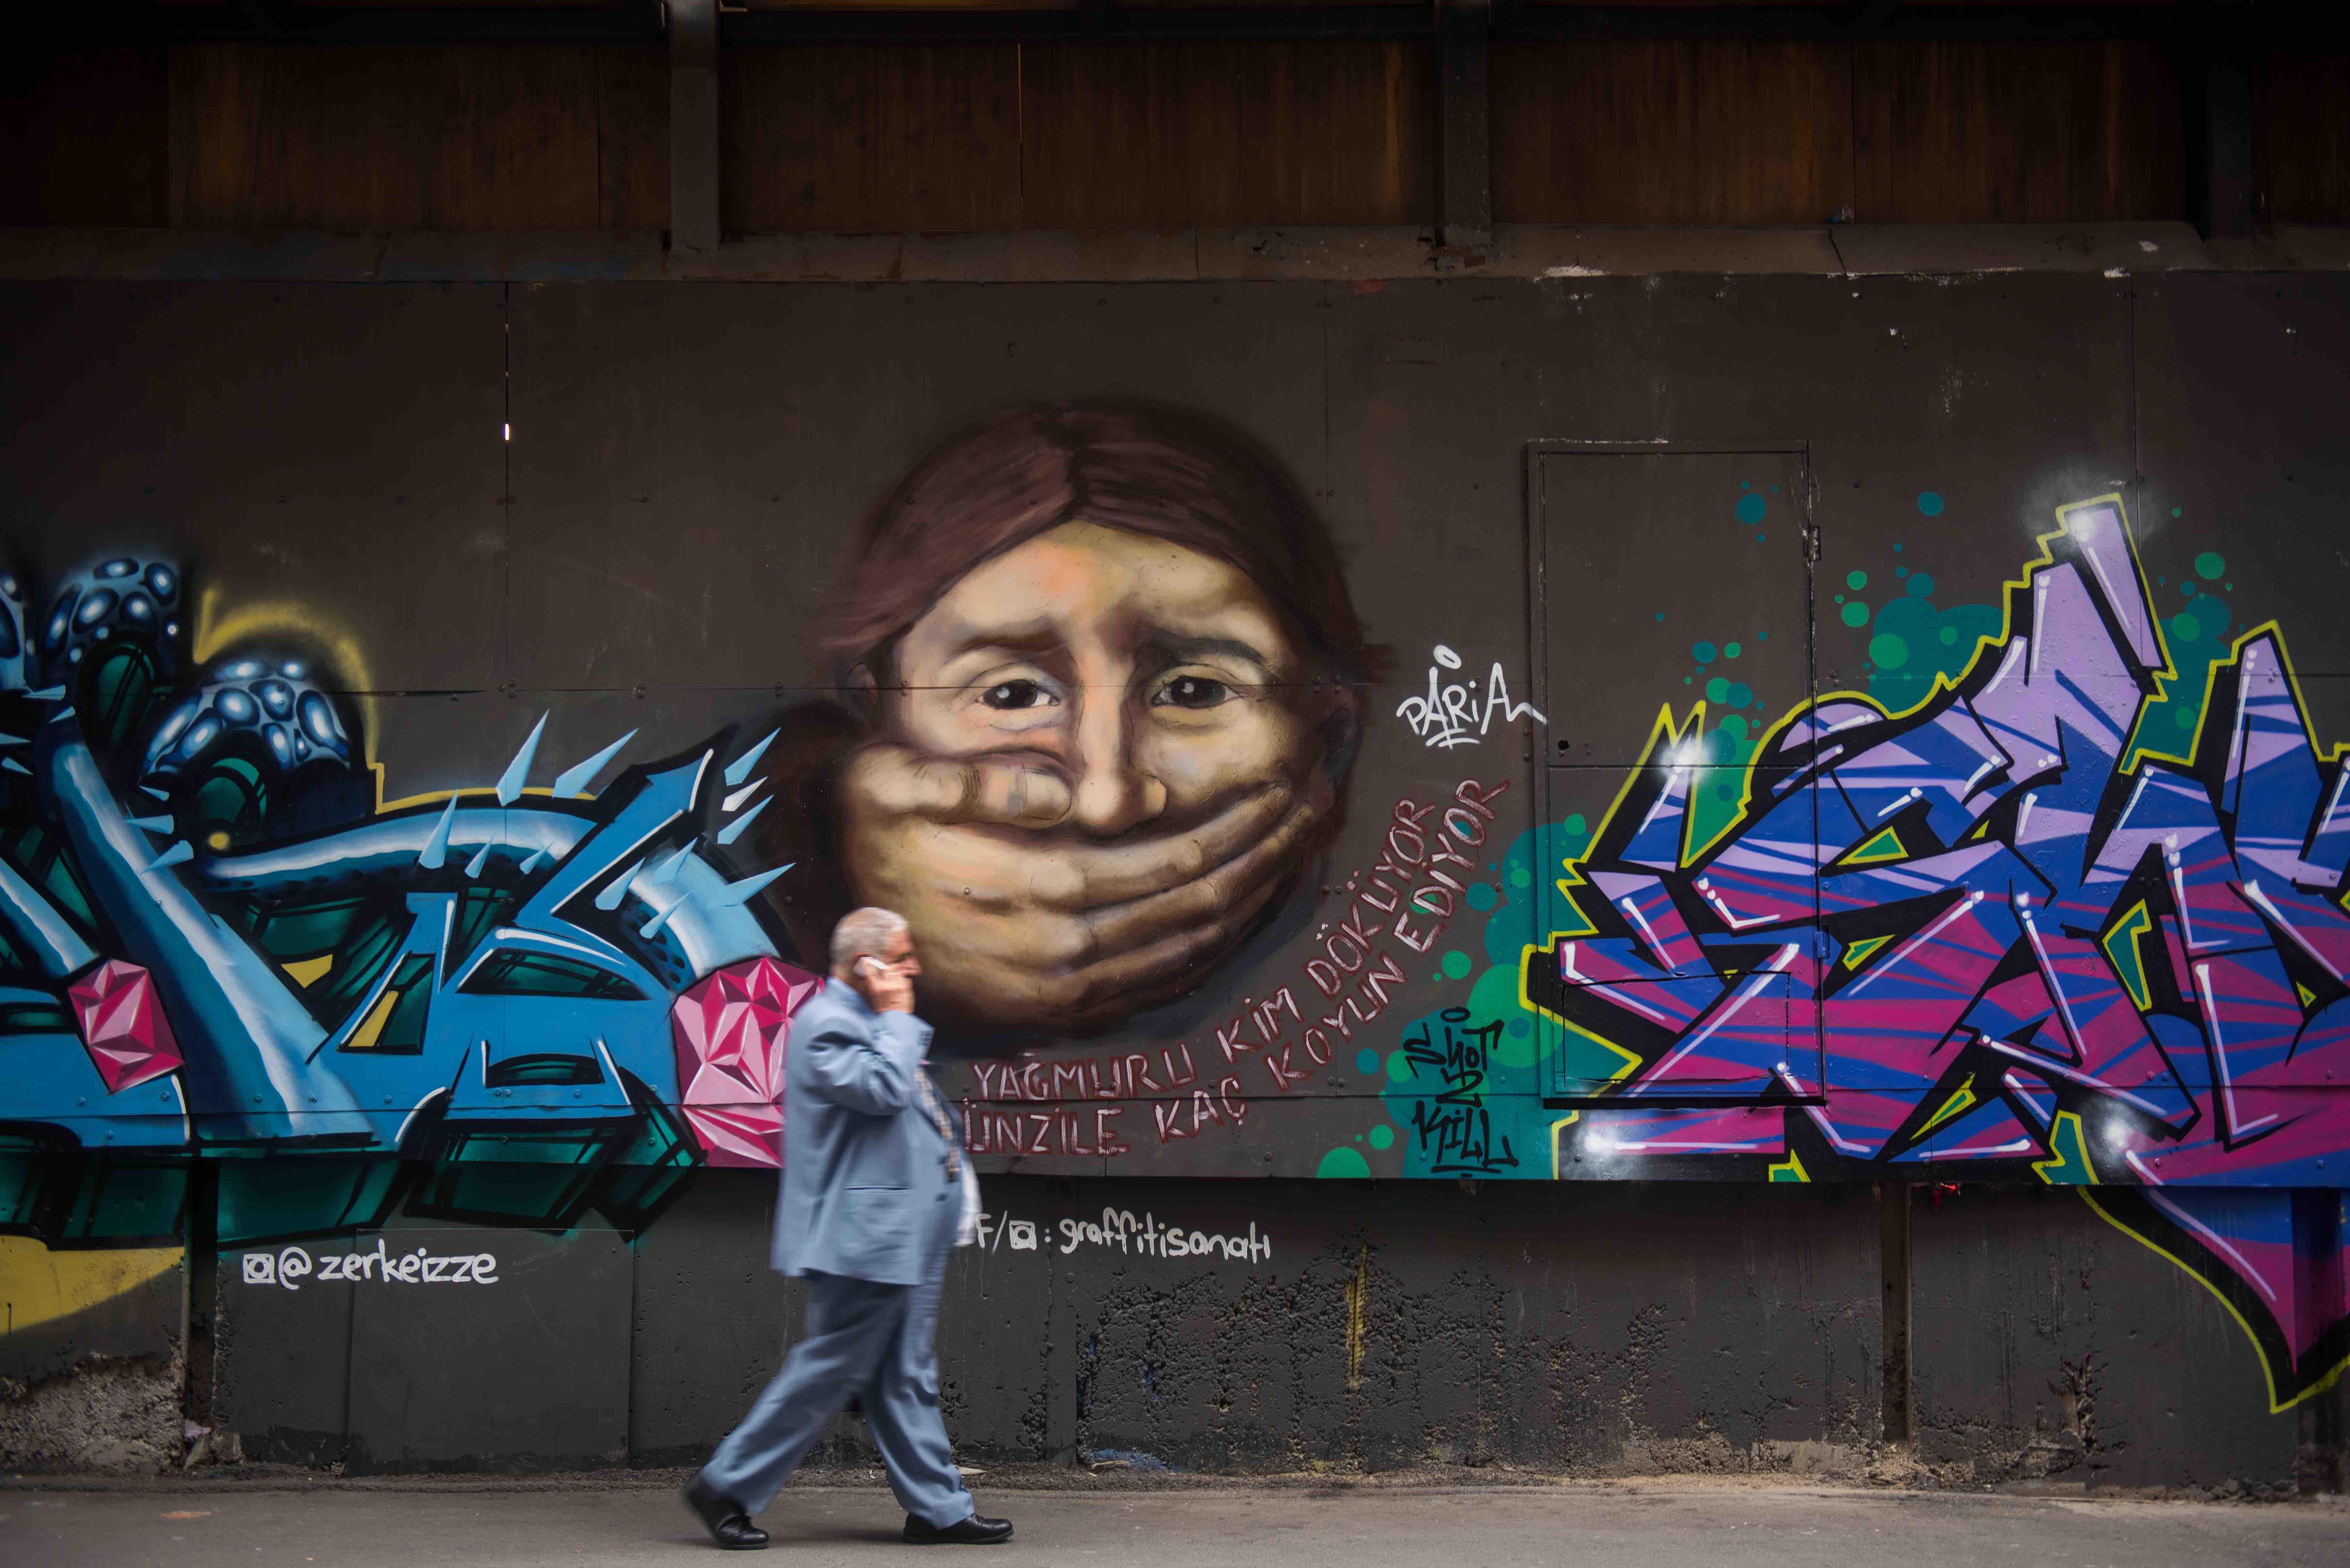 Istanbul graffiti 3